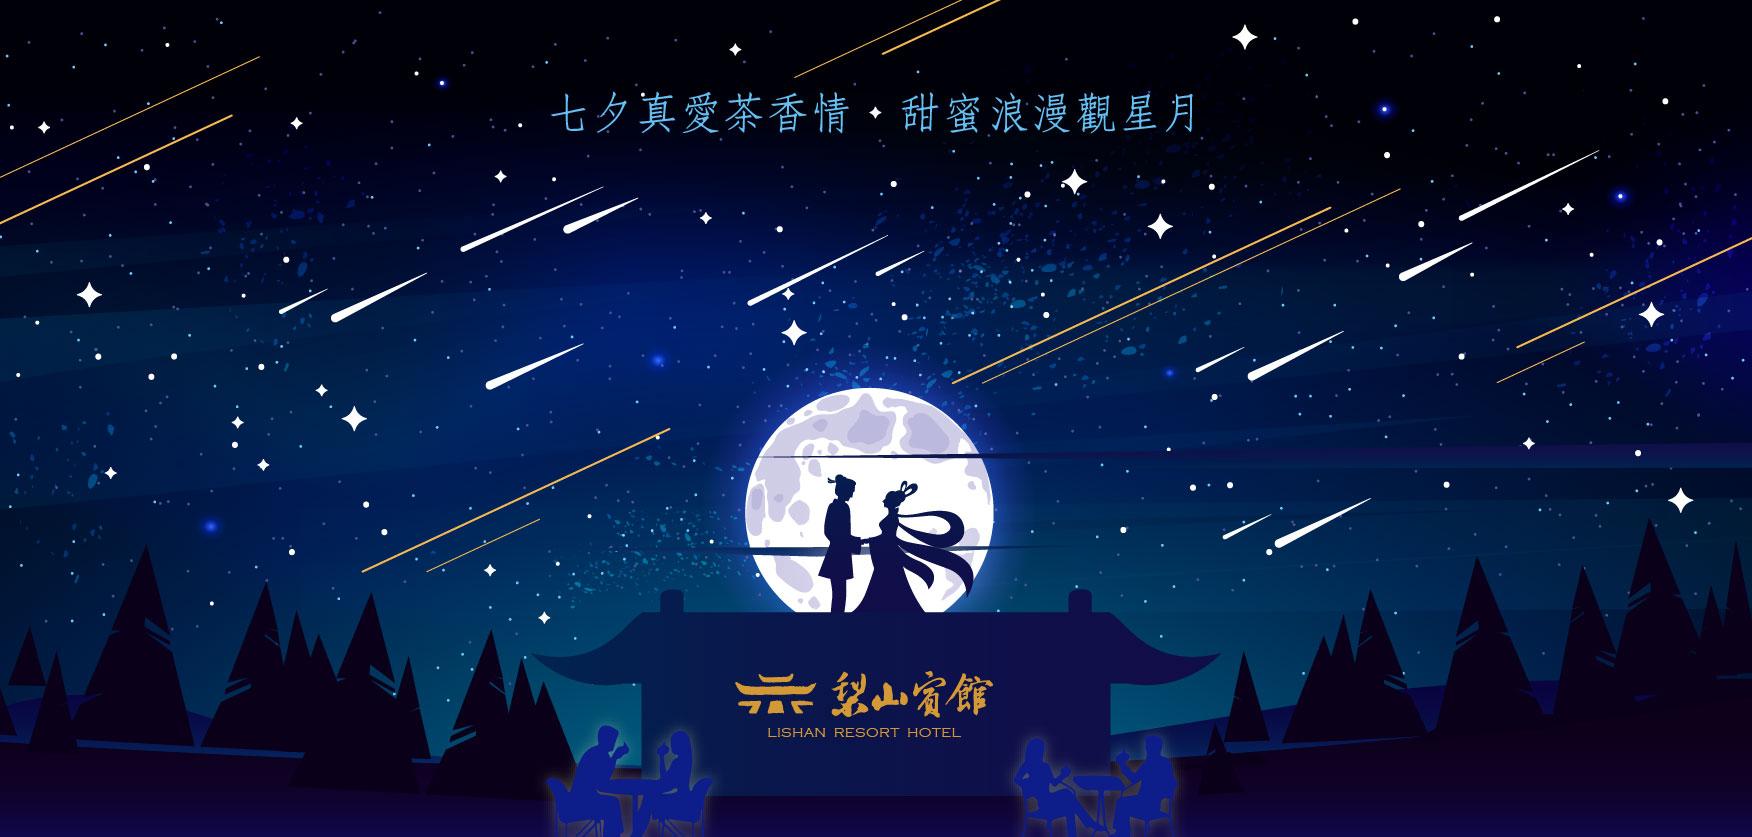 【七夕真愛茶香情  甜蜜浪漫觀星月】